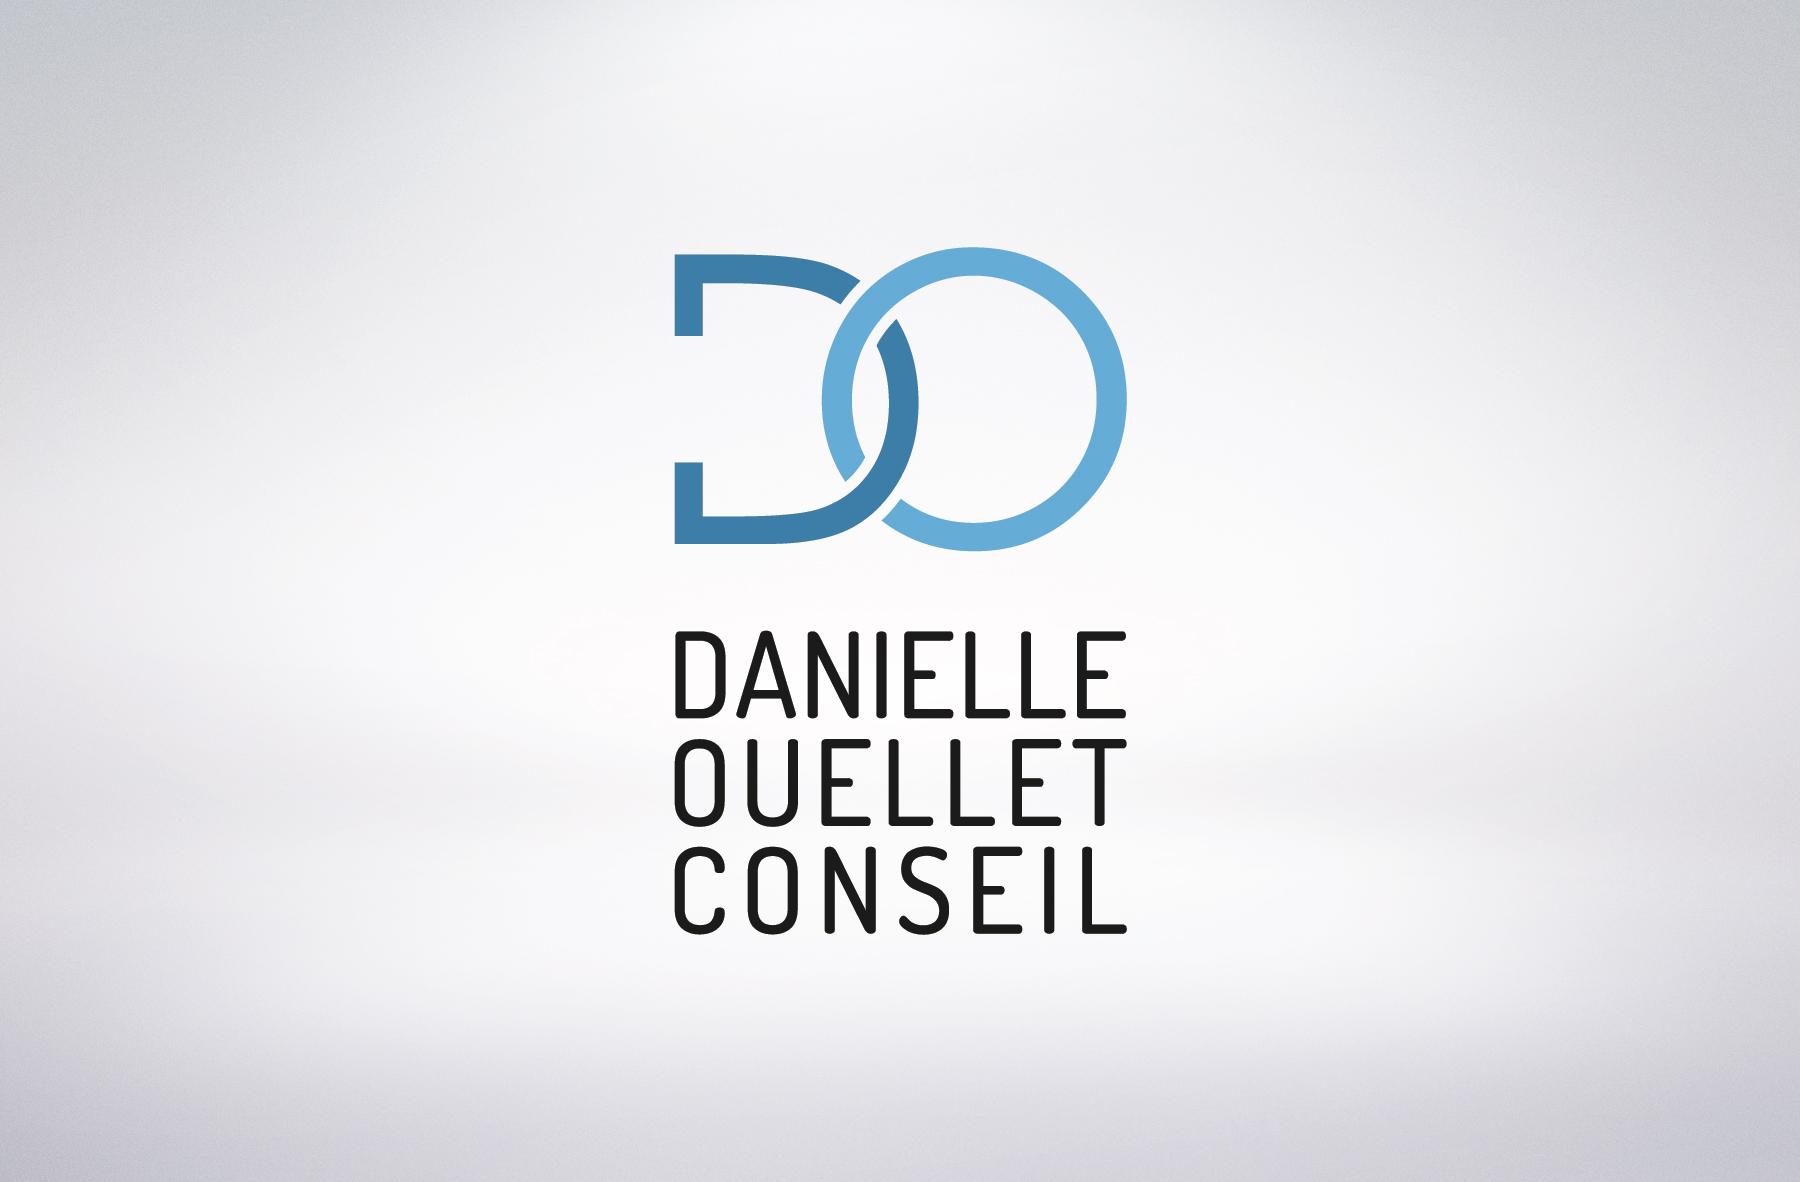 Danielle Ouellet conseil logo vertical